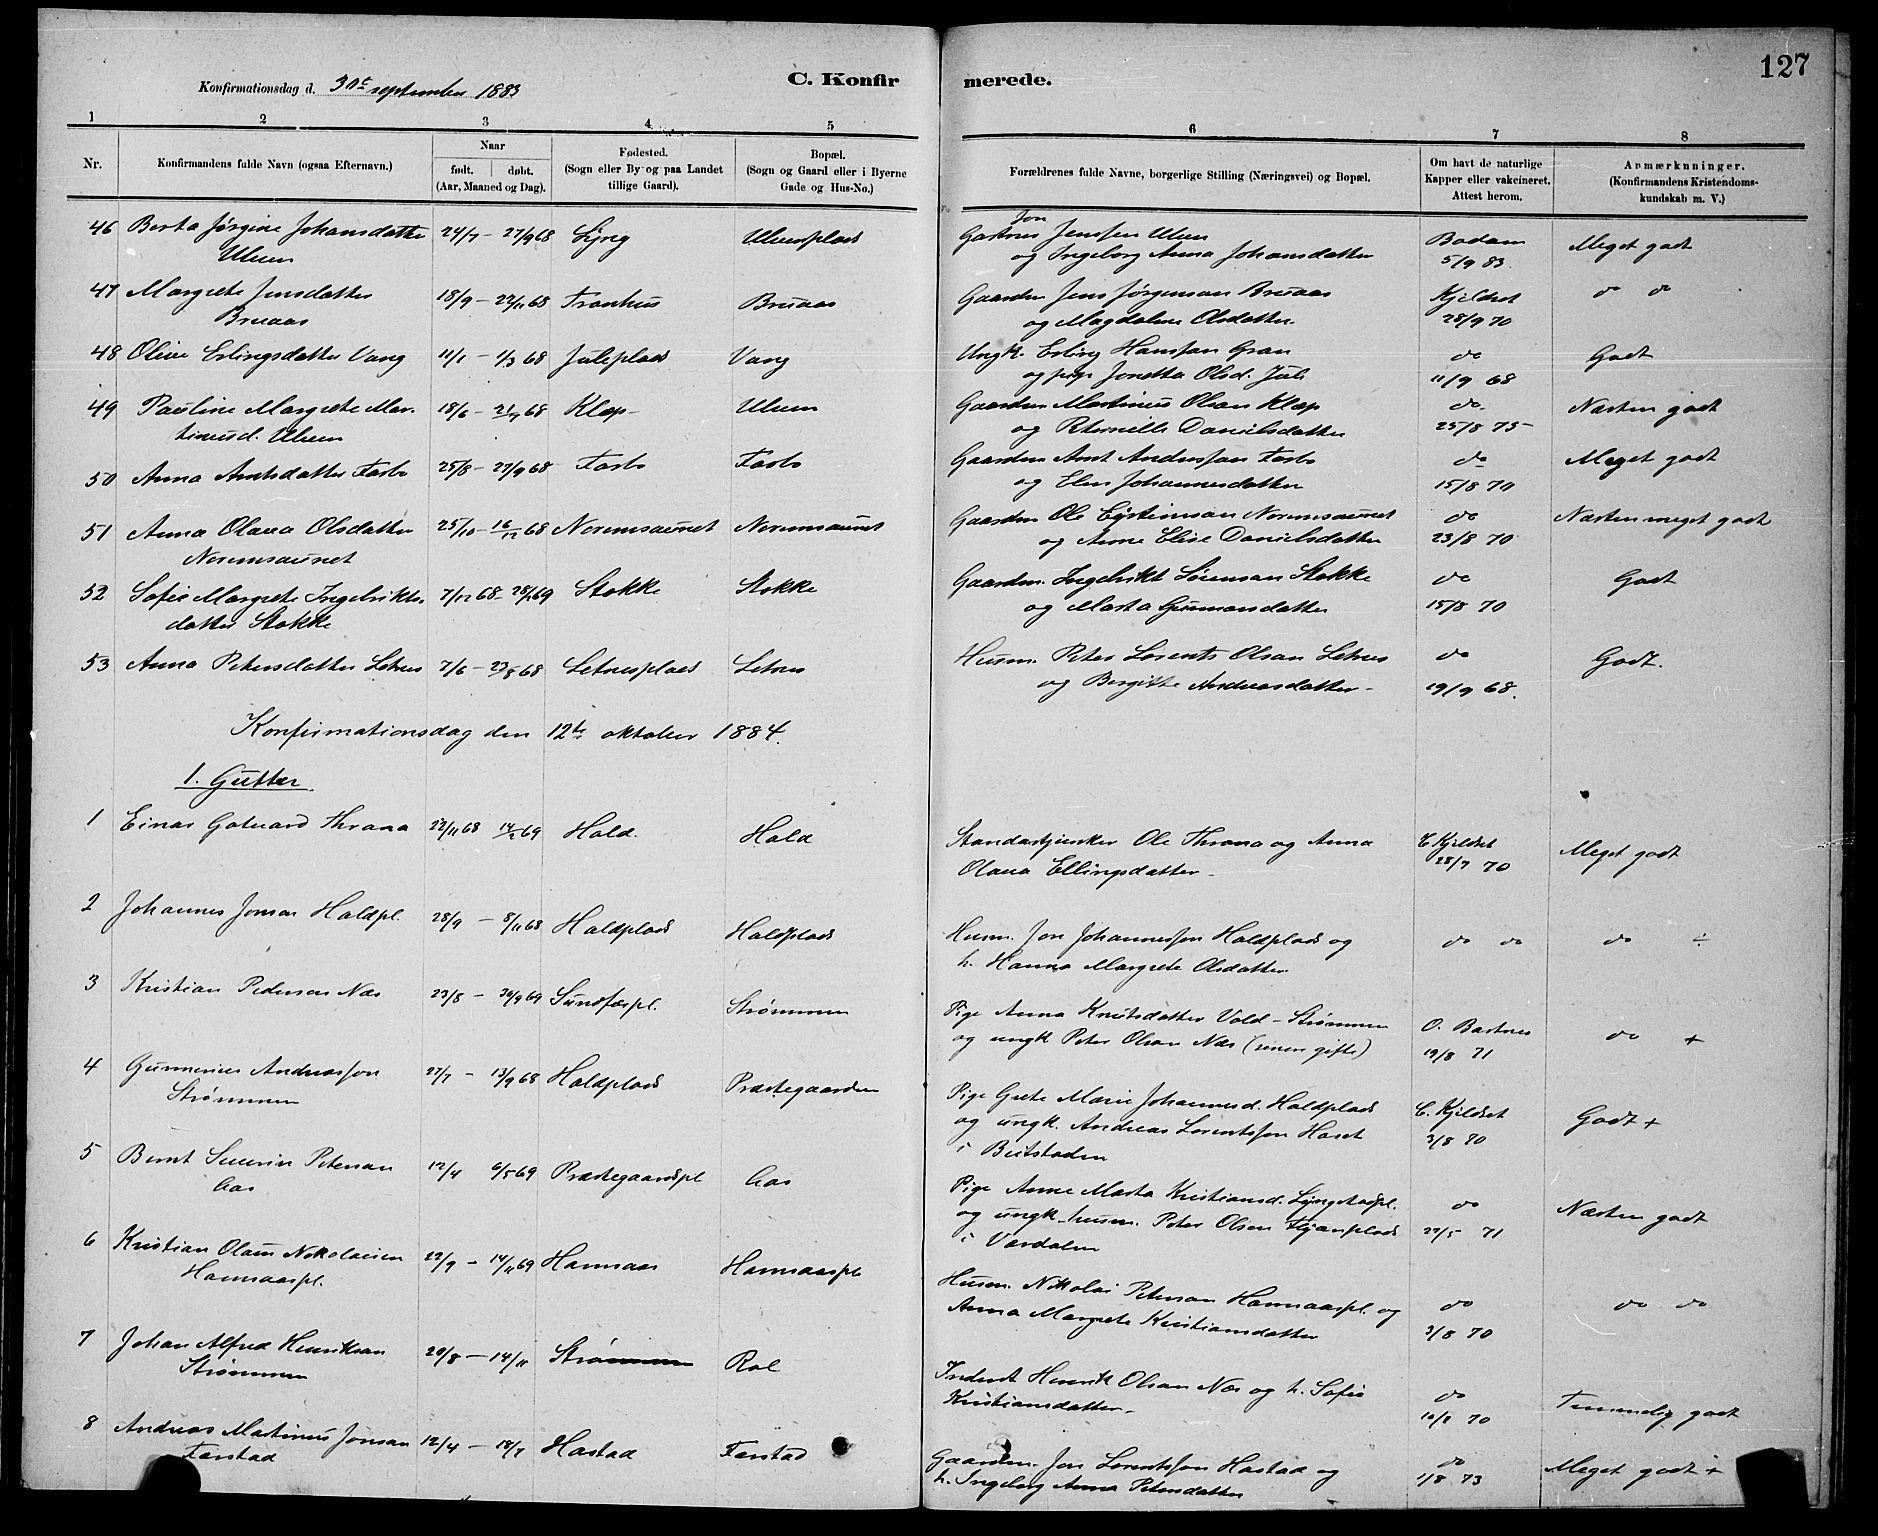 SAT, Ministerialprotokoller, klokkerbøker og fødselsregistre - Nord-Trøndelag, 730/L0301: Klokkerbok nr. 730C04, 1880-1897, s. 127